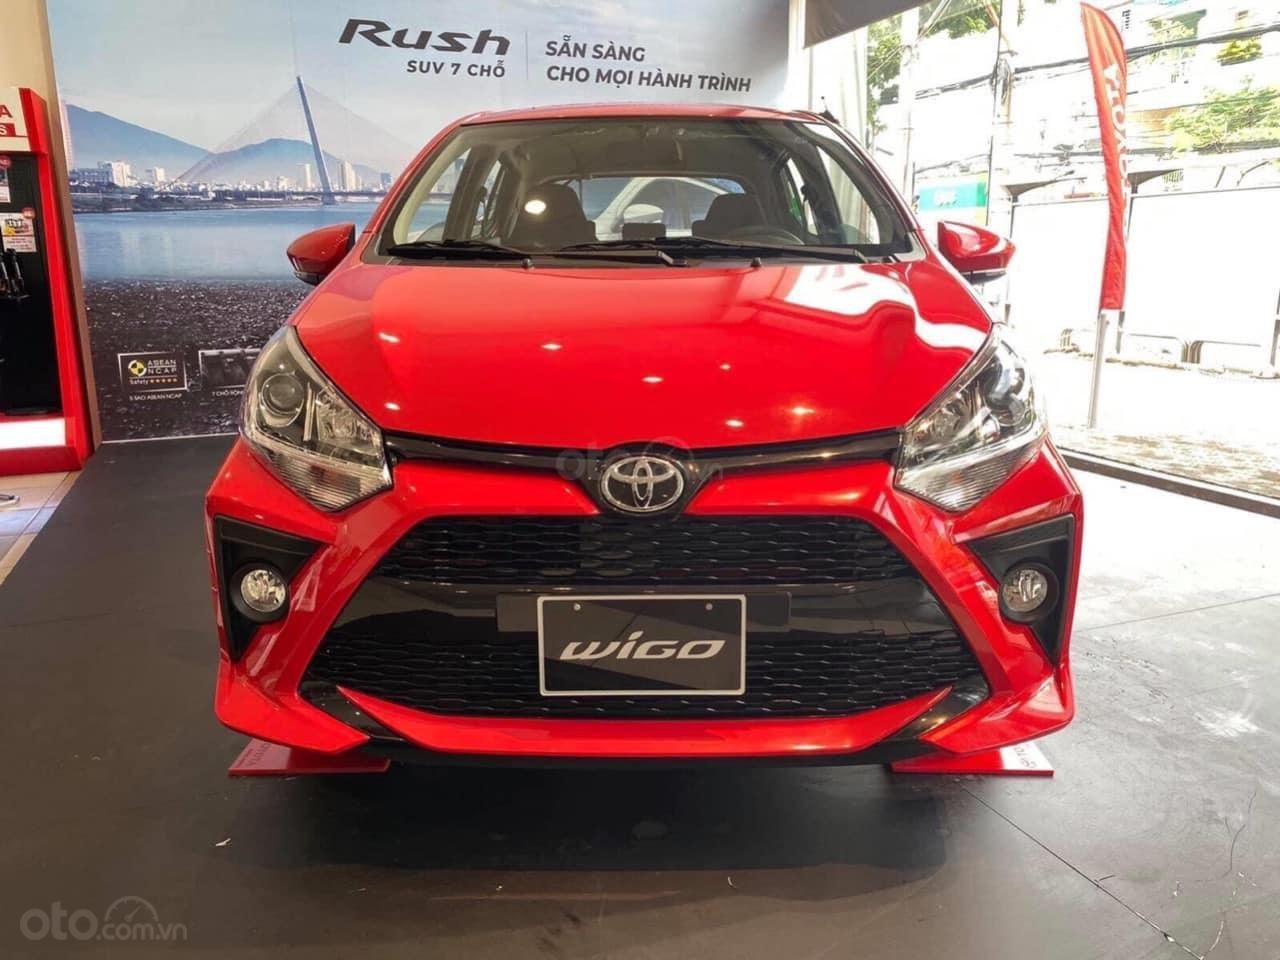 Cần bán xe Toyota Wigo 1.2AT sản xuất 2021 trả trước 130 triệu nhận xe (1)